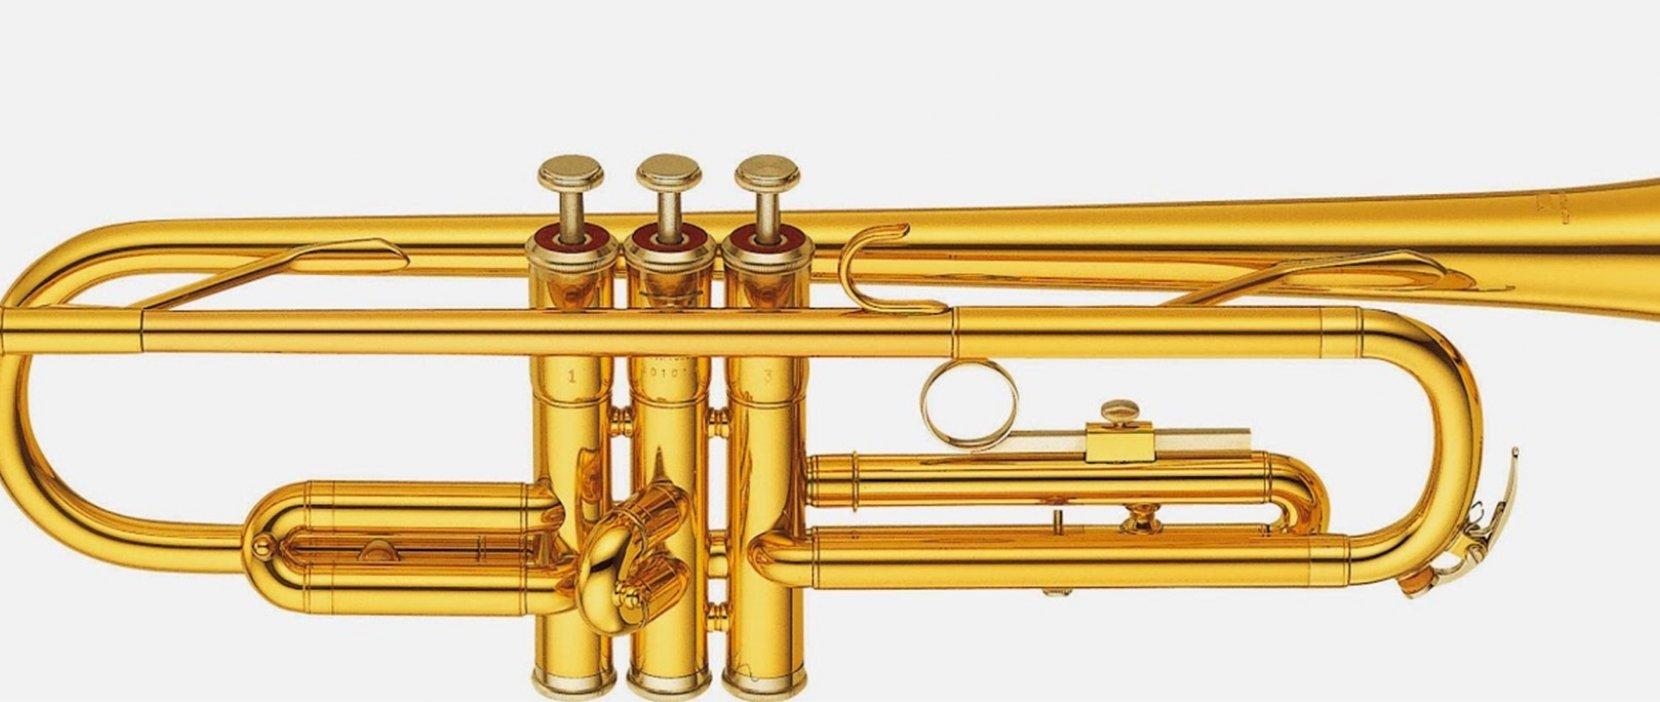 billede af trompet